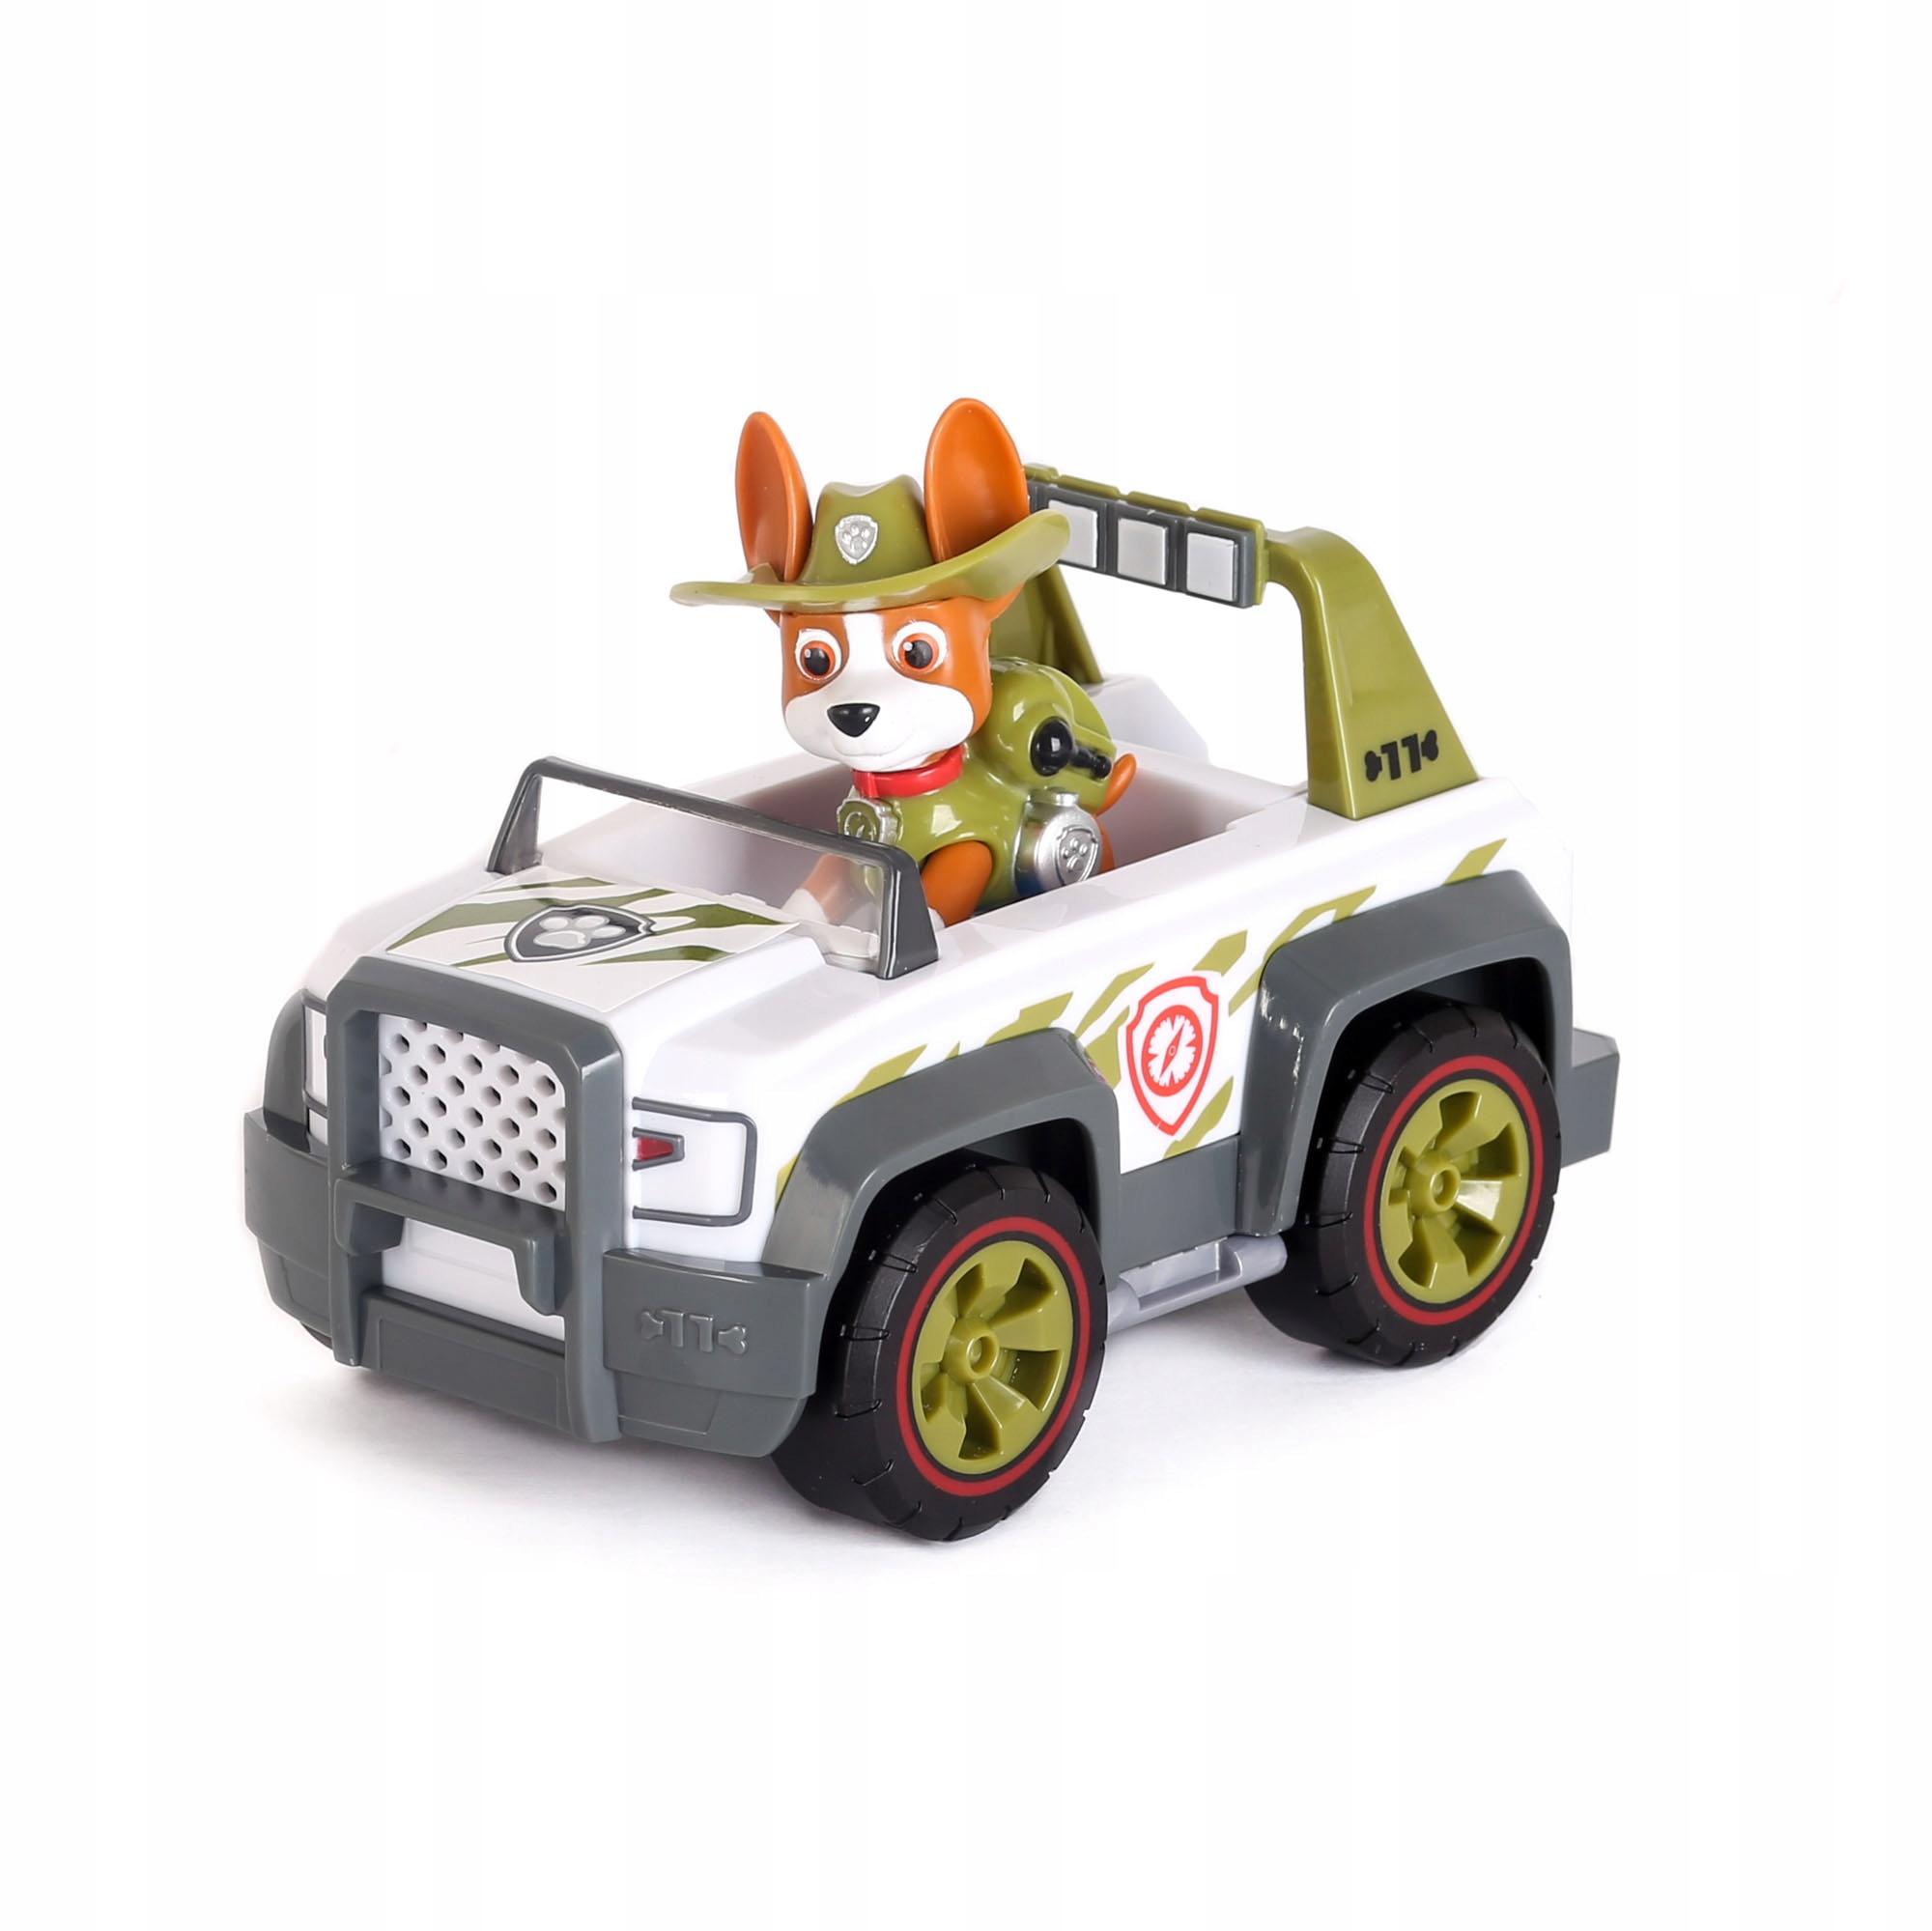 PSI PATROL TRACKER FIGURKA + AUTO JUNGLE RESCUE Model Jungle Rescue